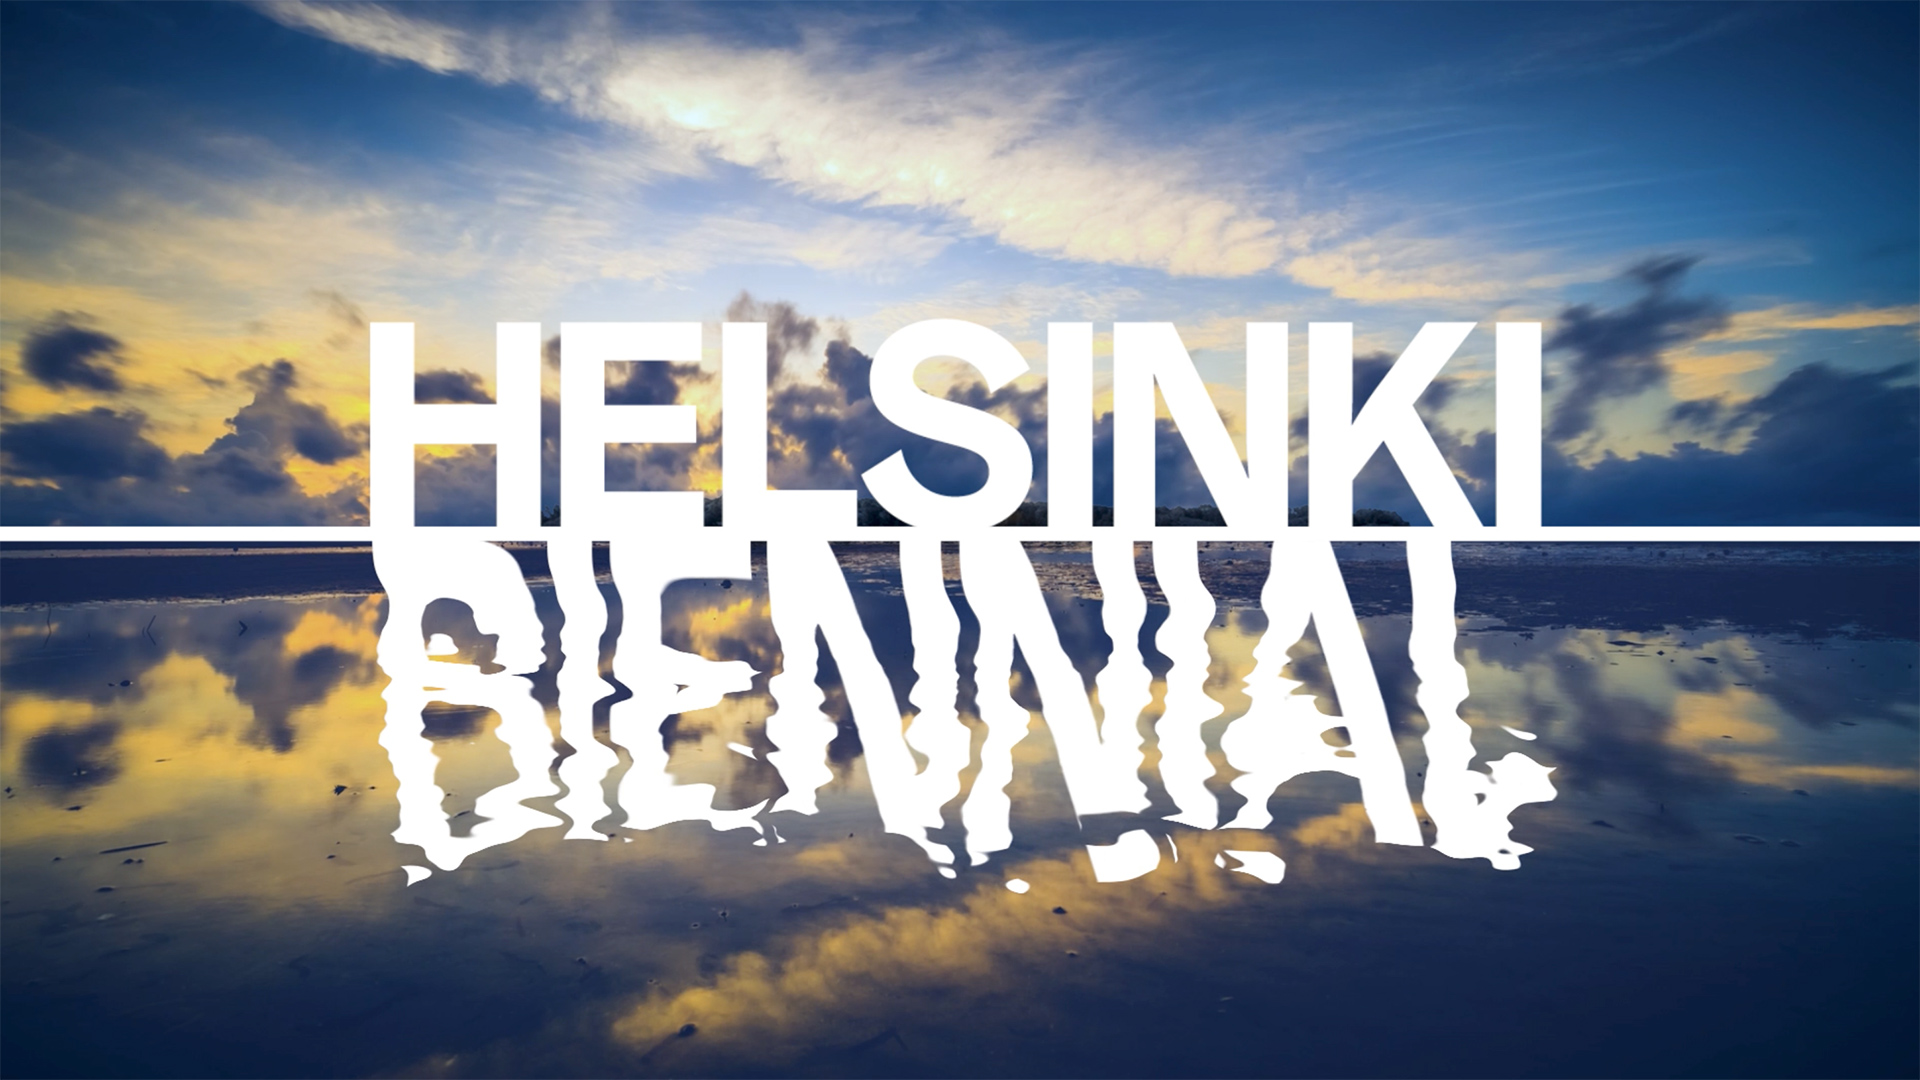 Anche Helsinki ha (finalmente) la sua Biennale | fino al 26.9